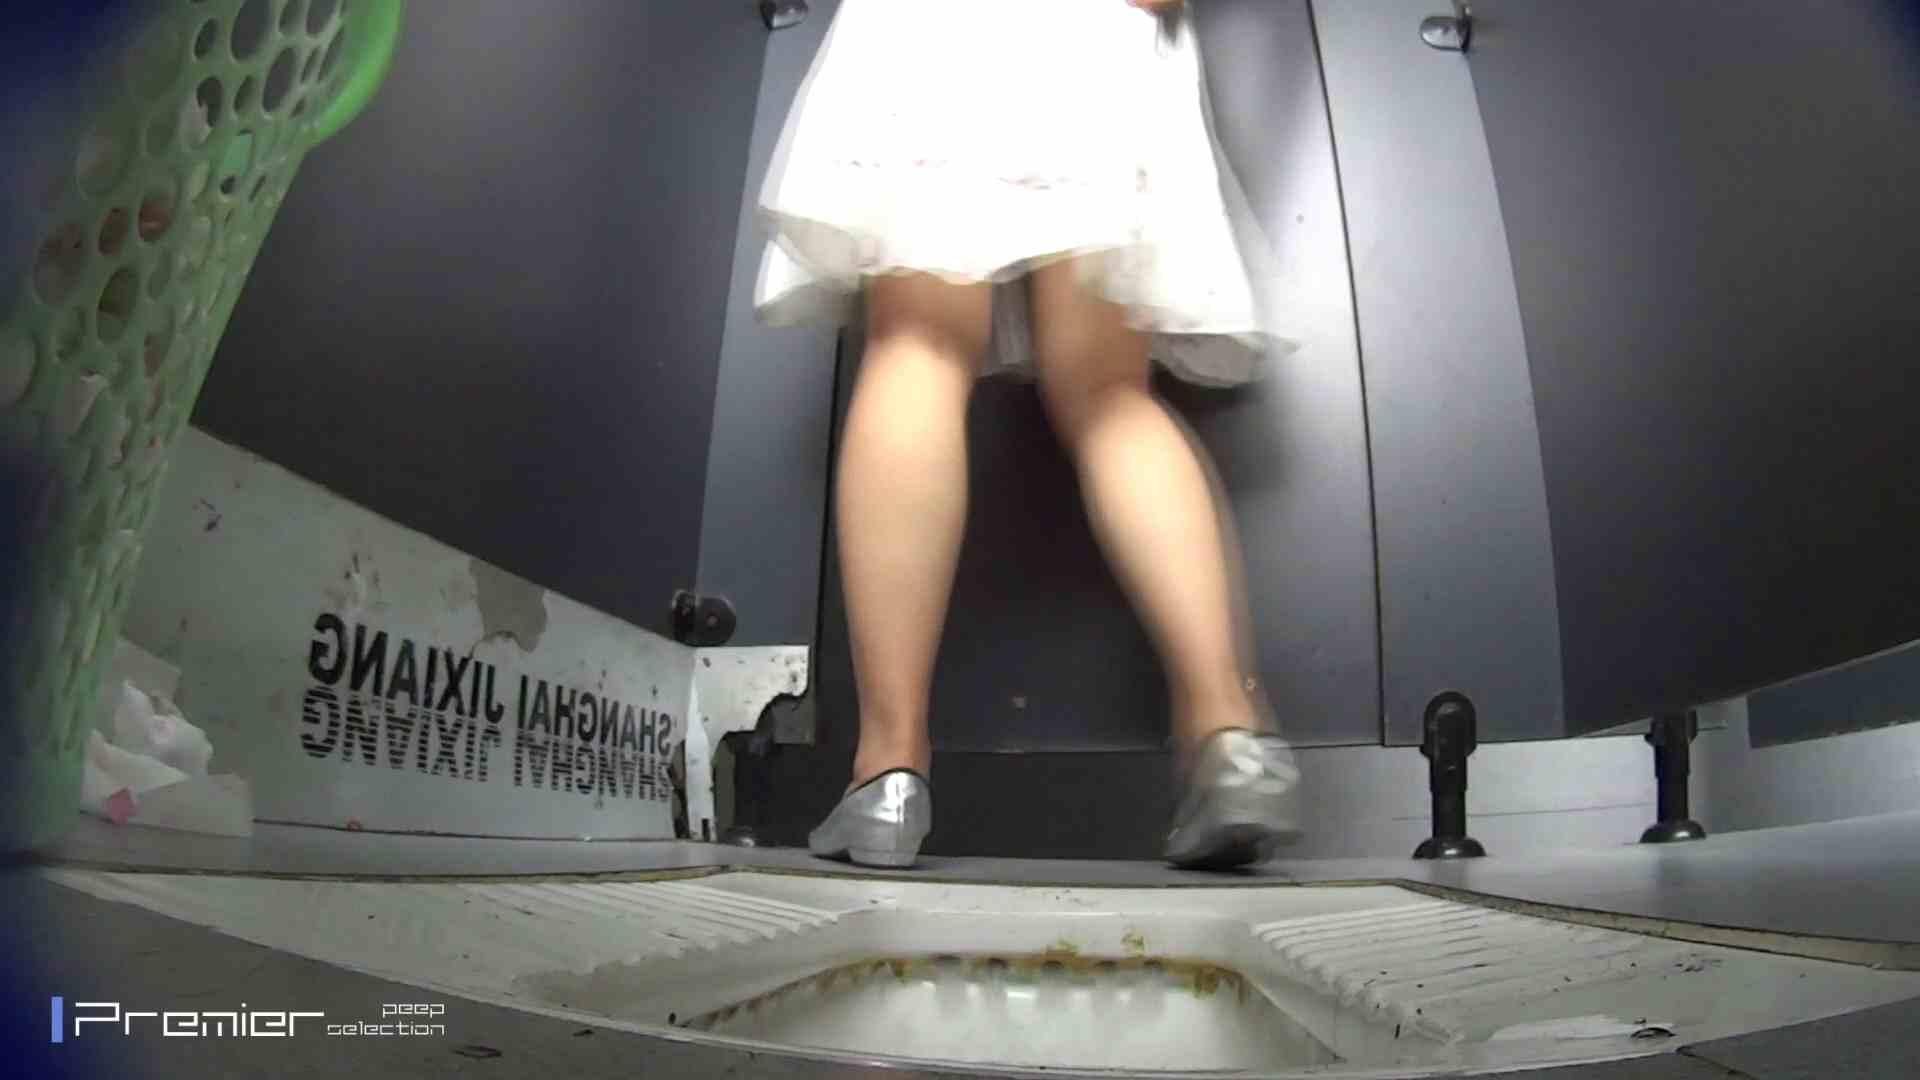 おまたの下から覗く顔 大学休憩時間の洗面所事情43 お姉さん スケベ動画紹介 53連発 29